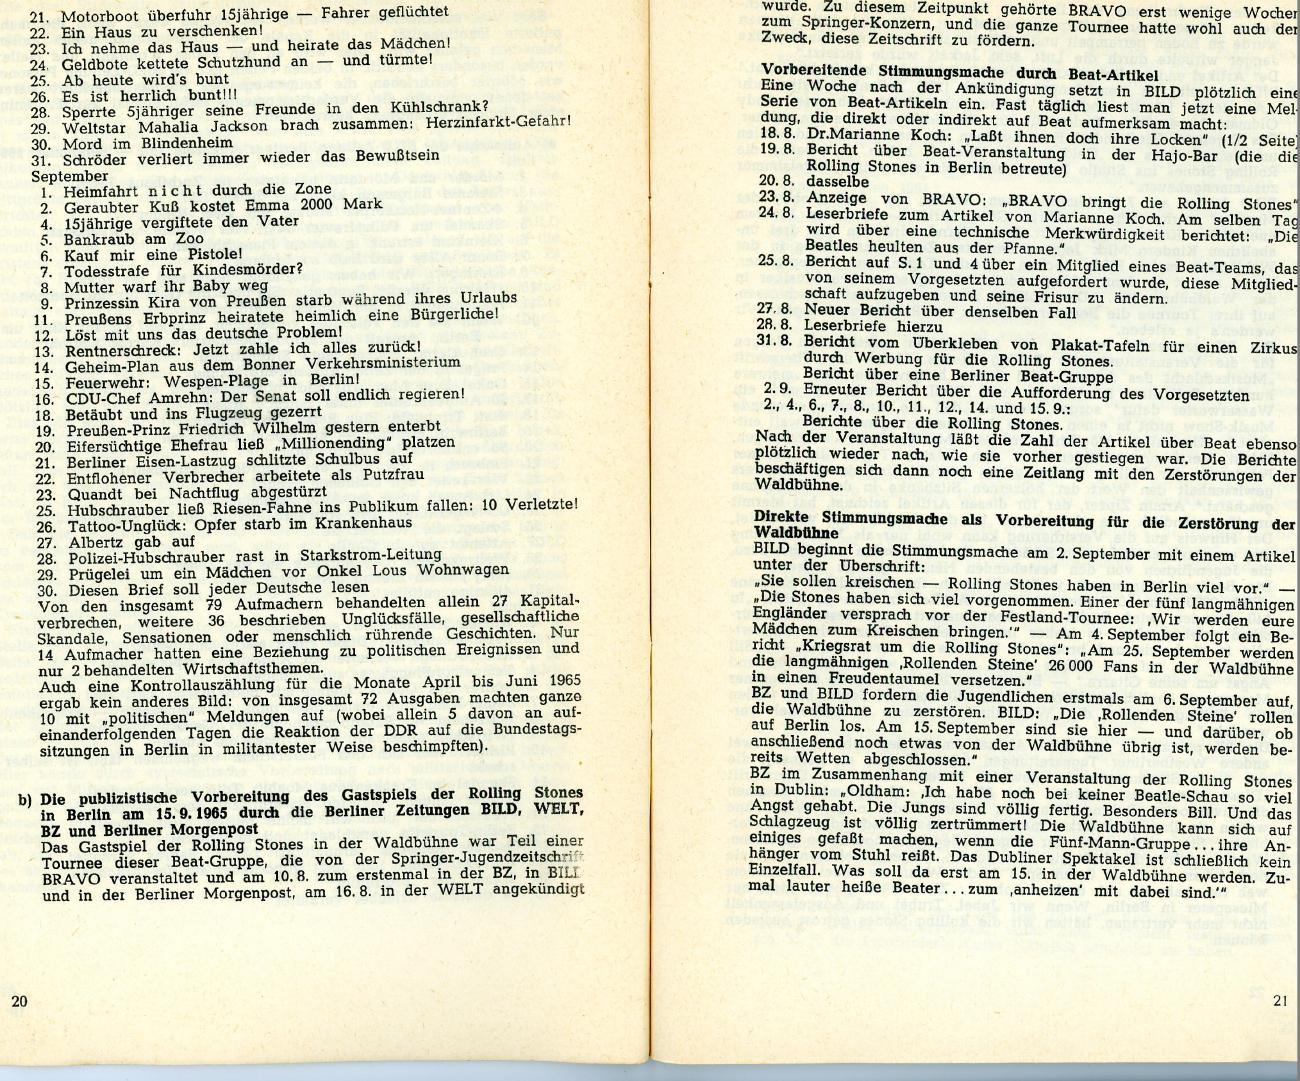 Berlin_RC_1967_Springer_enteignen_13